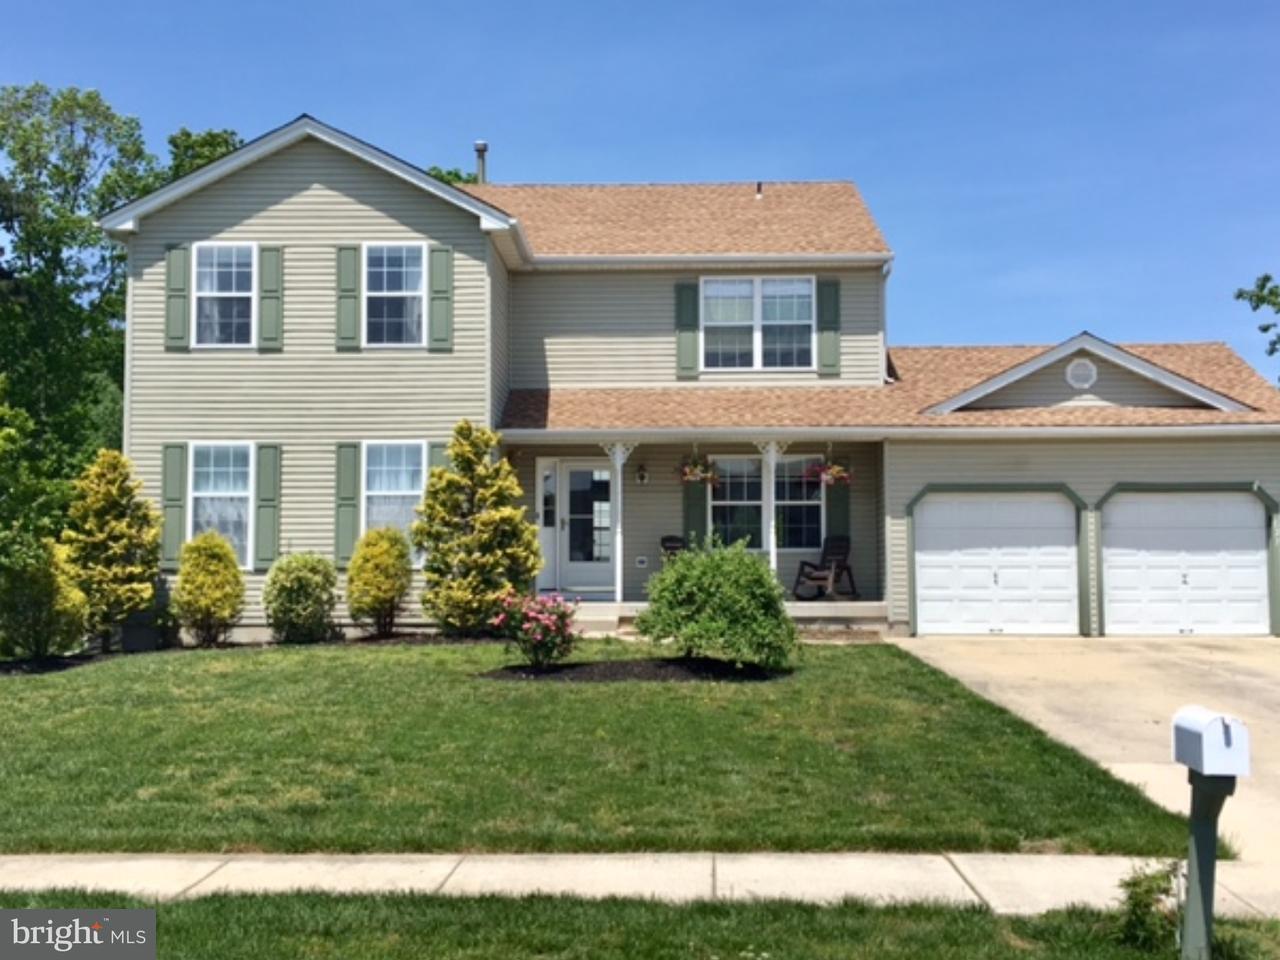 Casa Unifamiliar por un Alquiler en 627 SCHOOL HOUSE Road Williamstown, Nueva Jersey 08094 Estados UnidosEn/Alrededor: Monroe Township